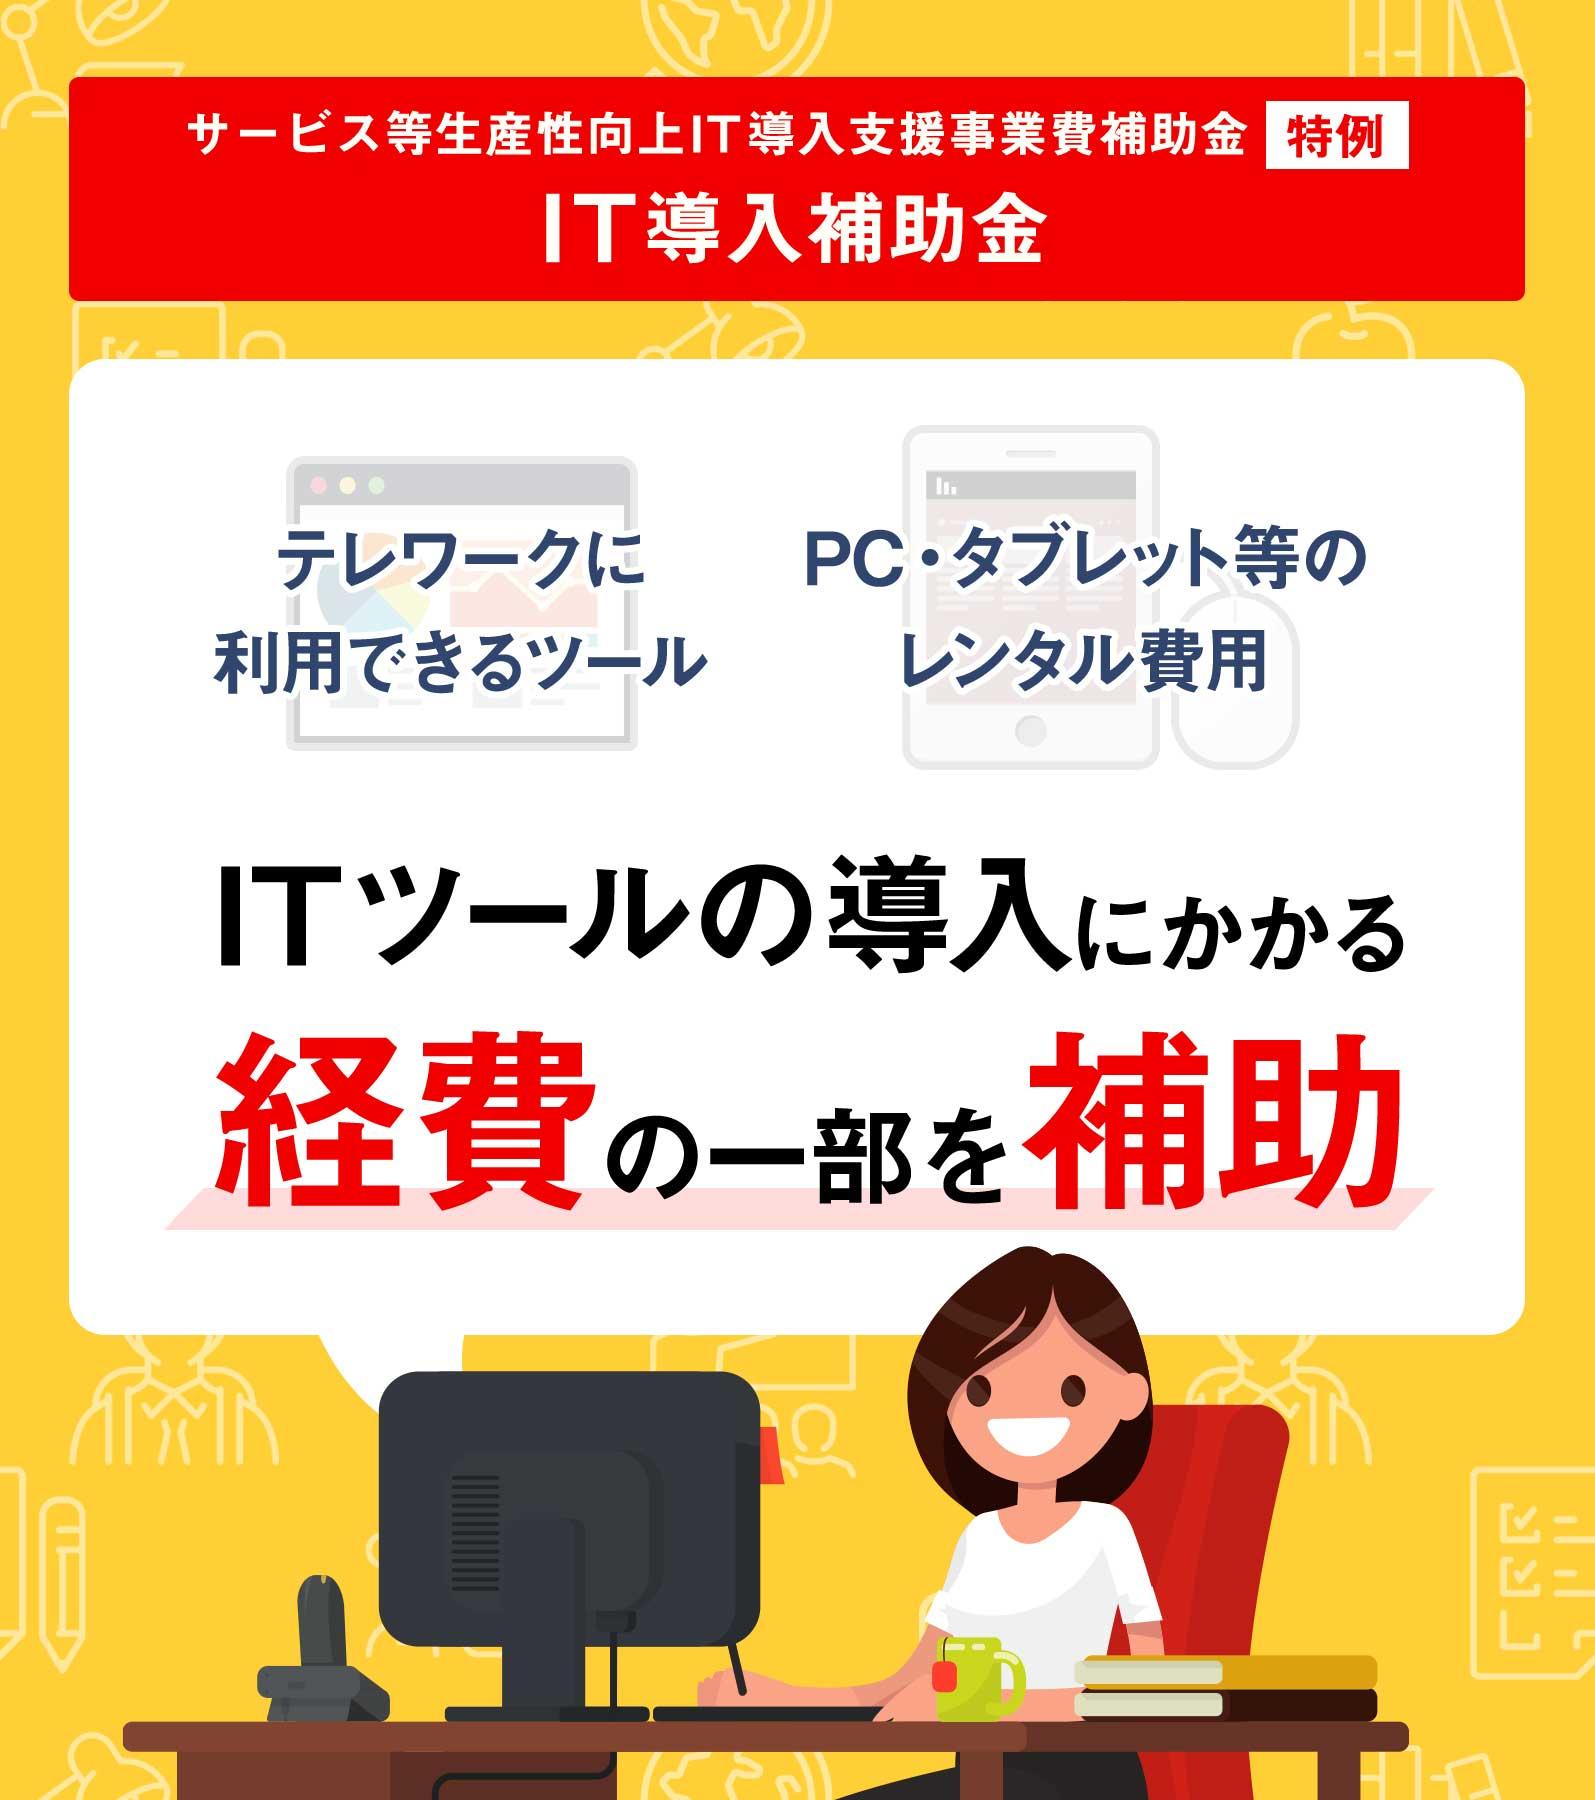 d79045beaf4a0a6274bdff3fc5b54fe3 - 【中小企業・小規模事業者向け】テレワークツール・PCレンタル費が補助されます。